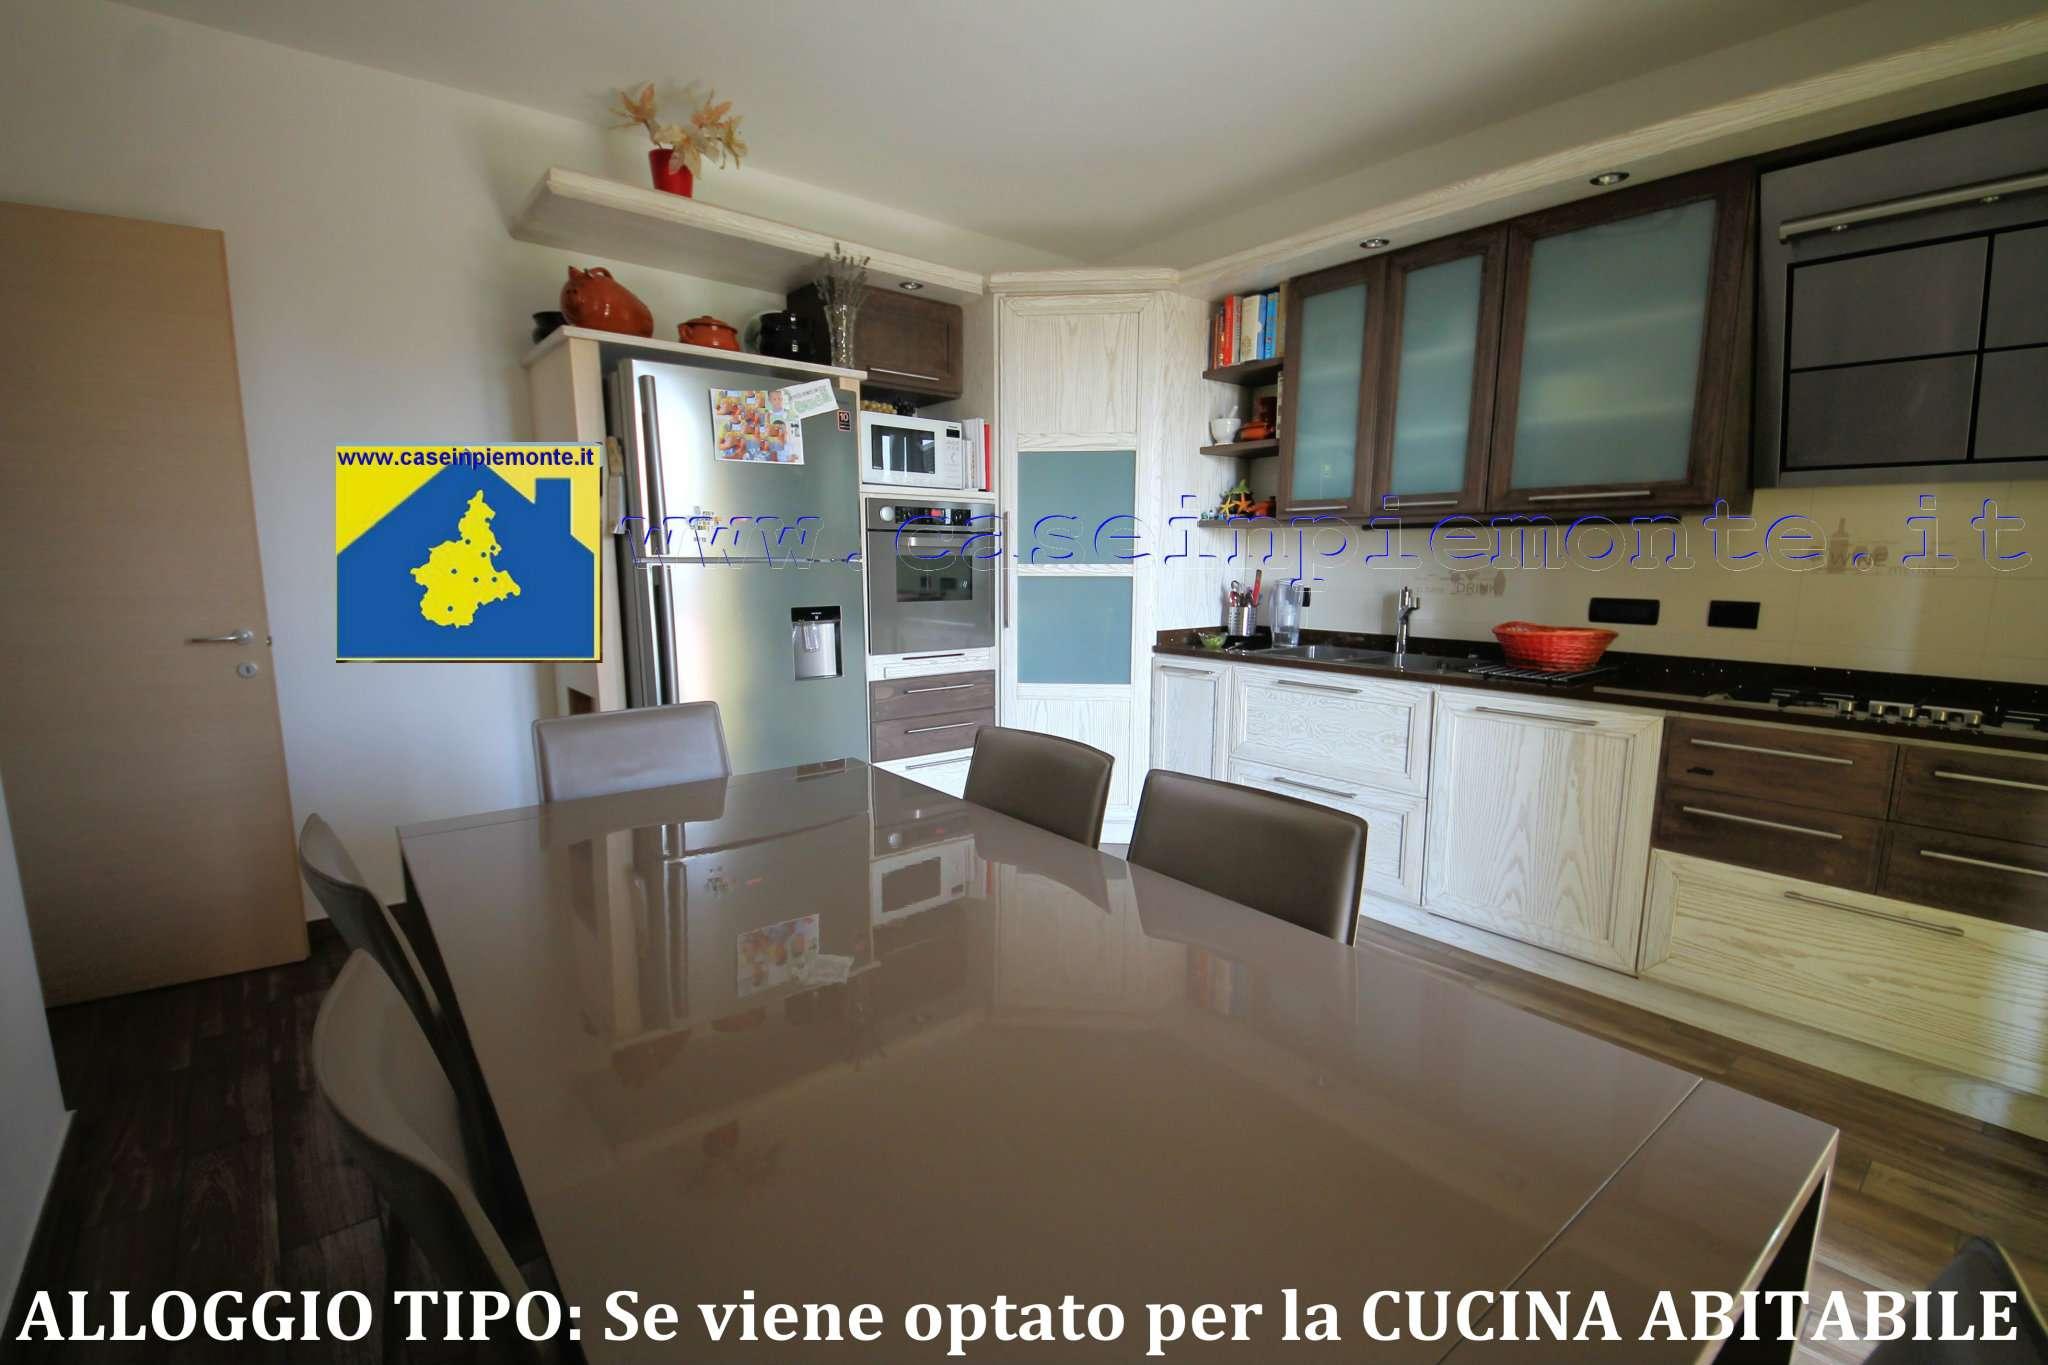 Appartamento in vendita a Givoletto, 7 locali, prezzo € 280.000 | CambioCasa.it